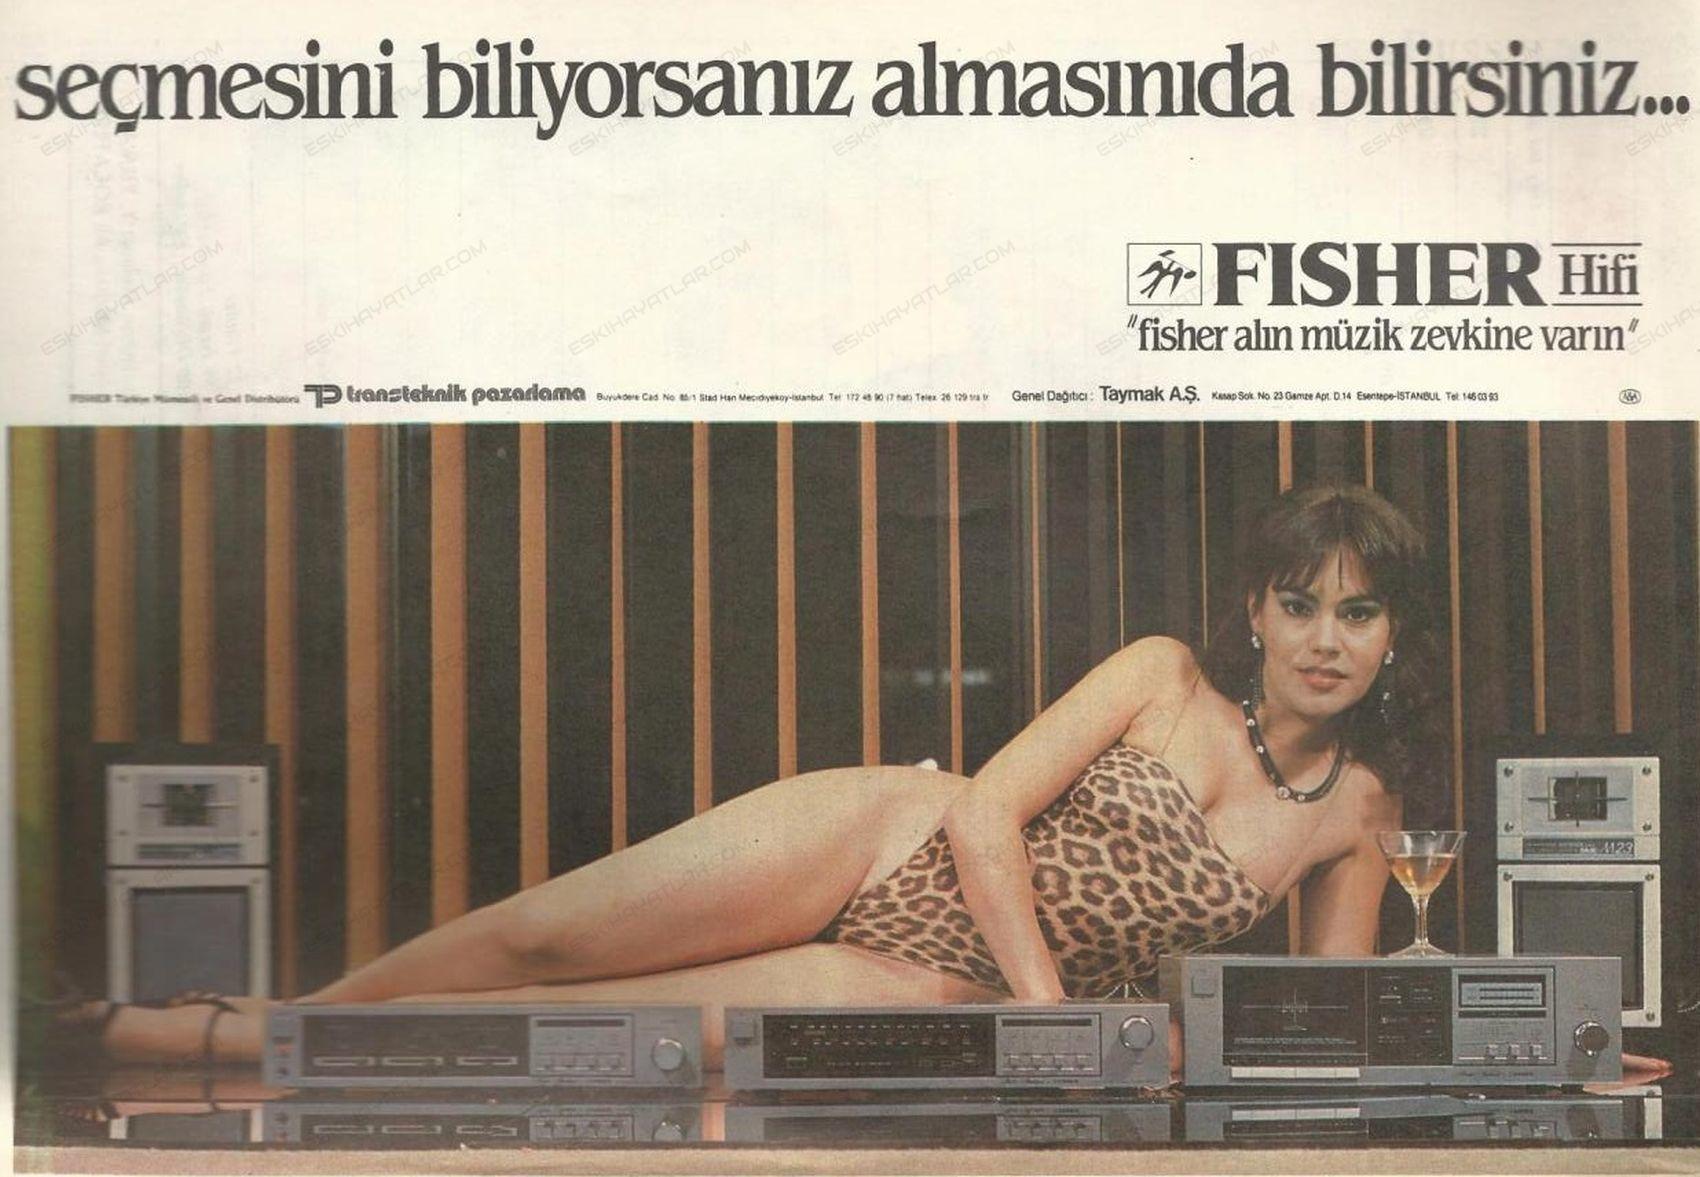 0385-transteknik-pazarlama-fisher-hi-fi-sistemleri-seksenli-yillarda-muzik-sistemleri-taymak-reklamlari-leopar-mayolu-kadin